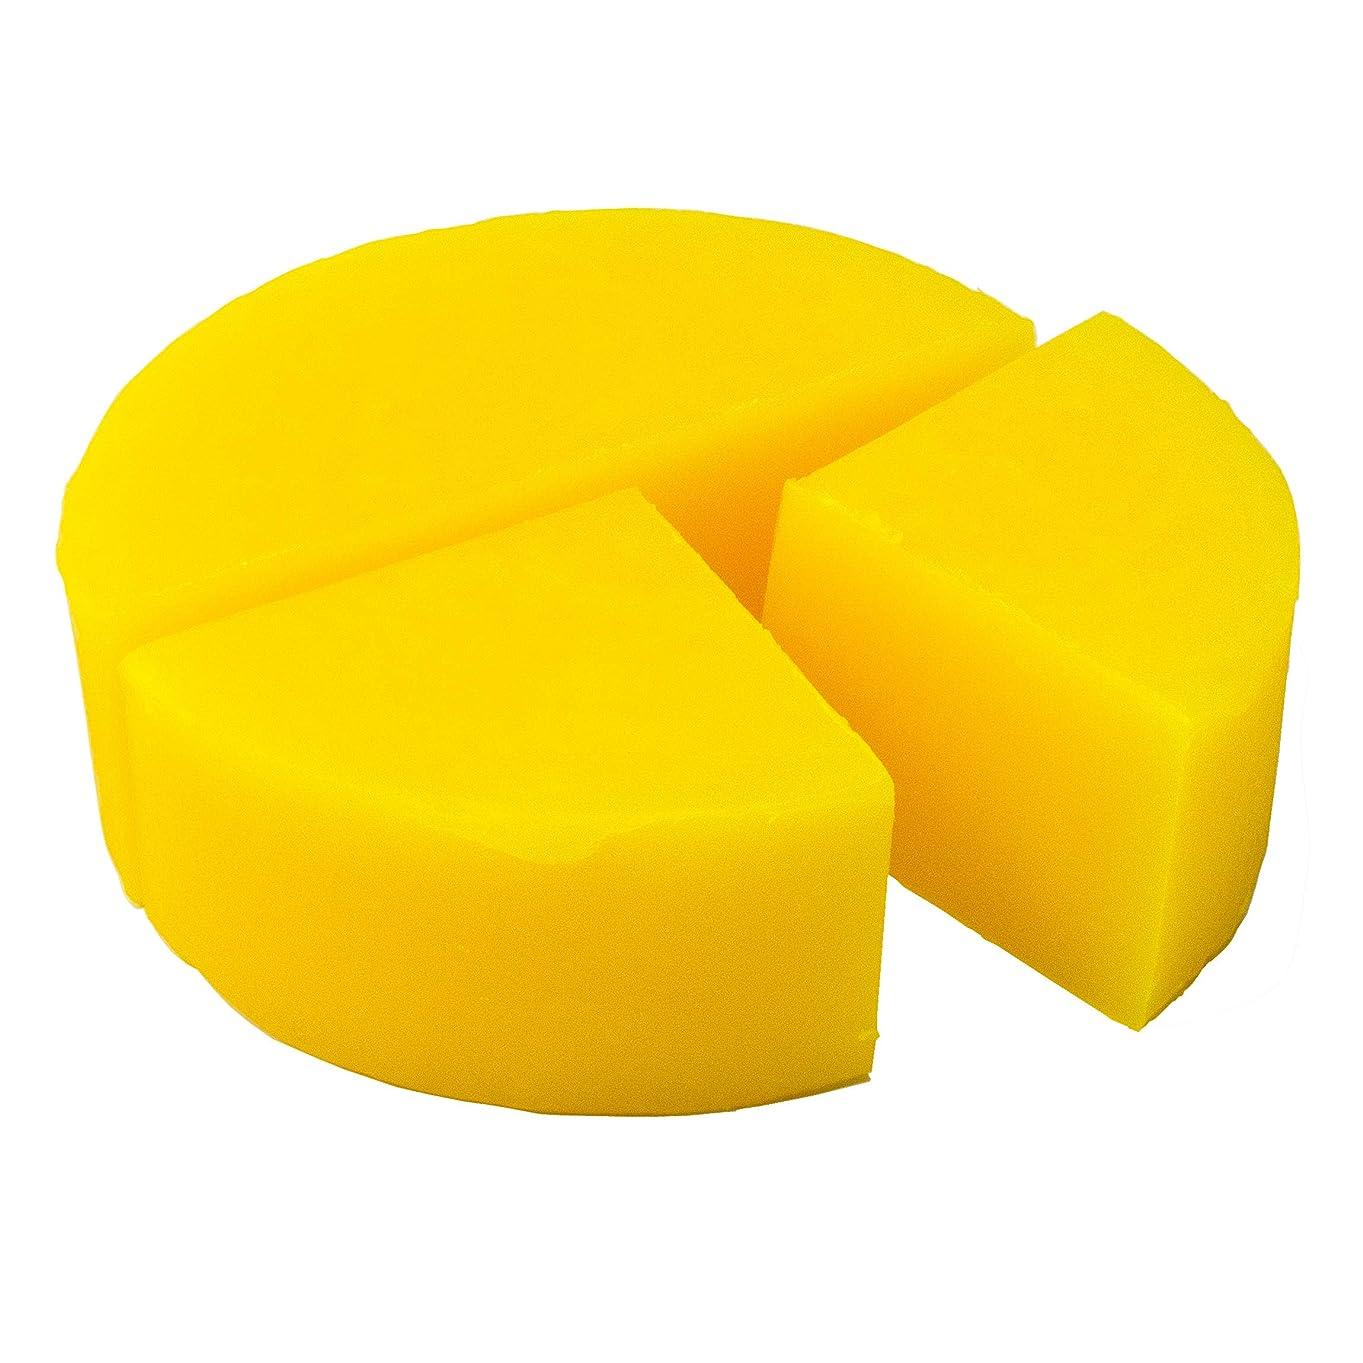 ほうき幅考古学グリセリン クリアソープ (MPソープ) 色チップ 黄 100g